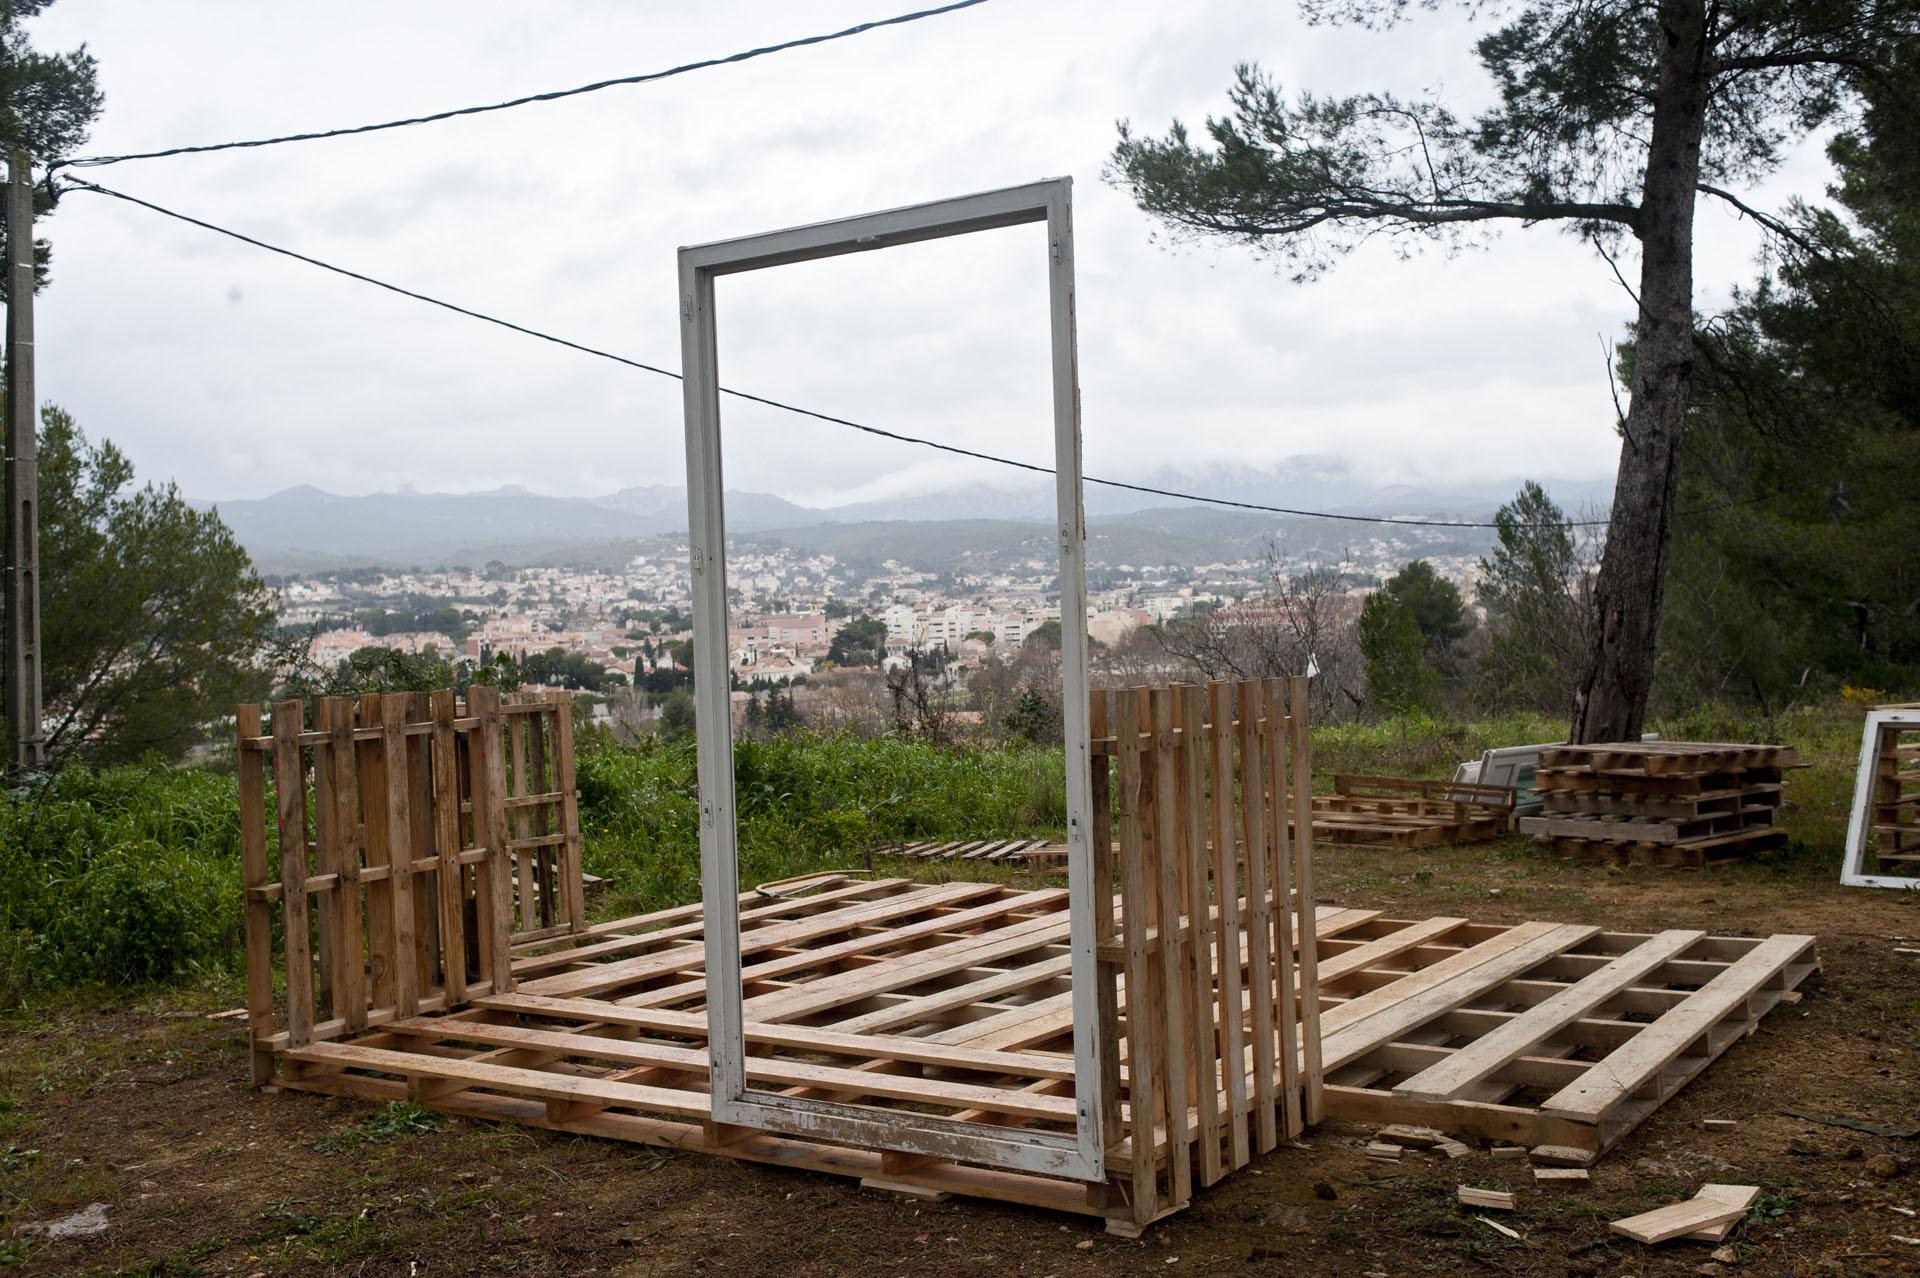 14 fevrier 2015, à Allauch, péripherie de Marseille, des opposants s'installent sur une terre agricole pour contester un  futur amenagement routier sur l'est de la ville.Création de la ZAD d'Allauch.